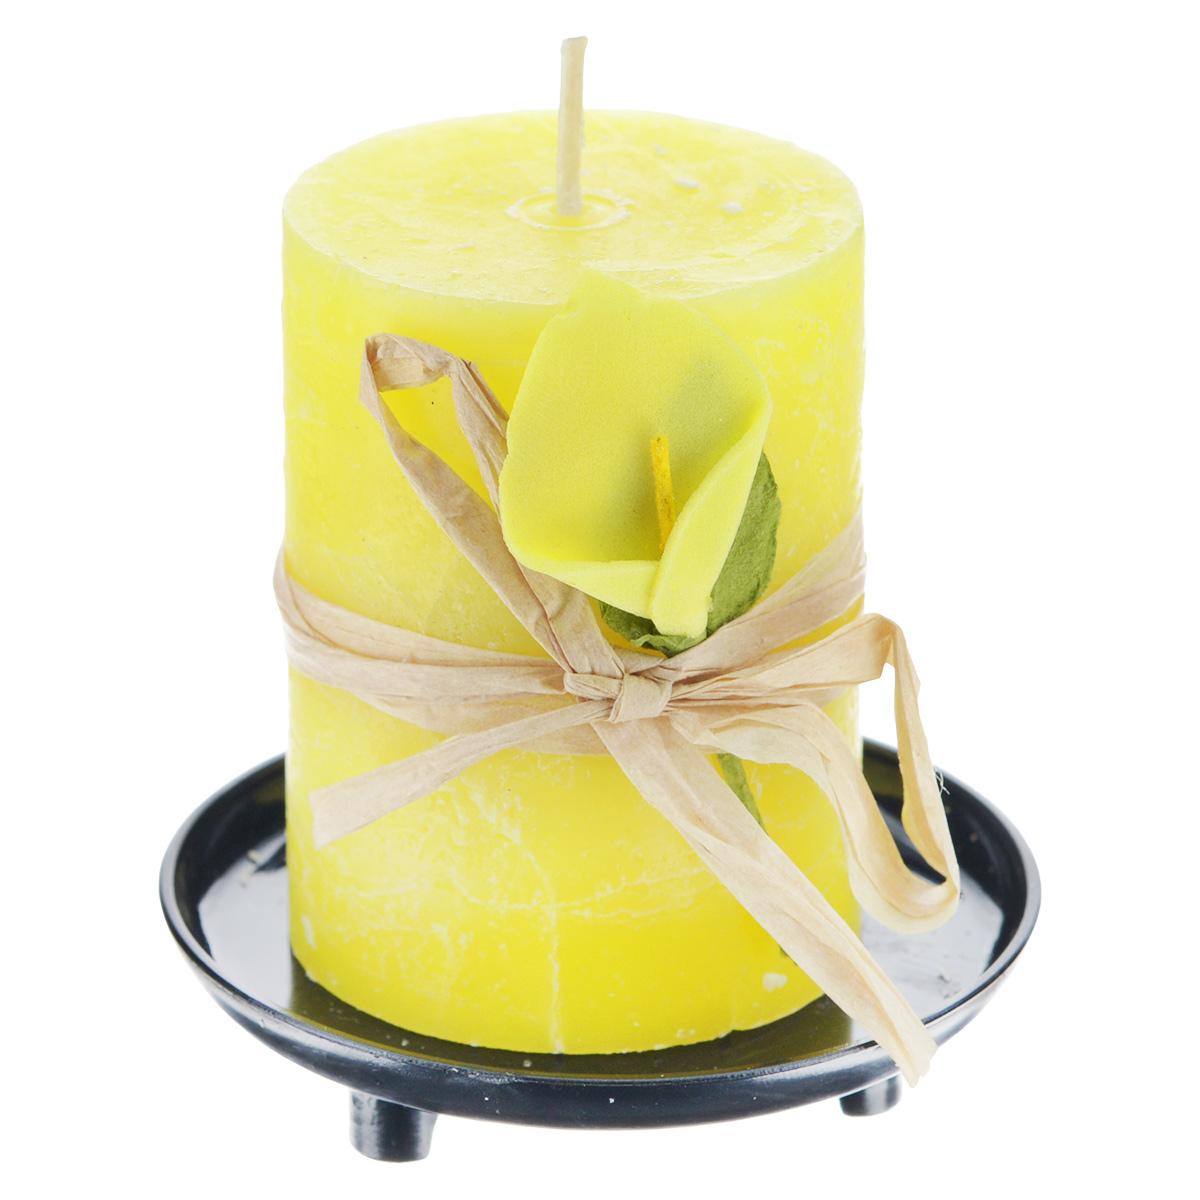 Свеча ароматизированная Sima-land Манго, на подставке, высота 6 см74-0060Свеча Sima-land Манго выполнена из воска в виде столбика. Свеча порадует ярким дизайном и насыщенным ароматом манго, который понравится как женщинам, так и мужчинам. Изделие размещено на оригинальной пластиковой подставке.Создайте для себя и своих близких незабываемую атмосферу праздника в доме. Ароматическая свеча Sima-land Манго раскрасит серые будни яркими красками.Высота свечи (без учета подставки): 6 см. Высота подставки: 1,5 см.